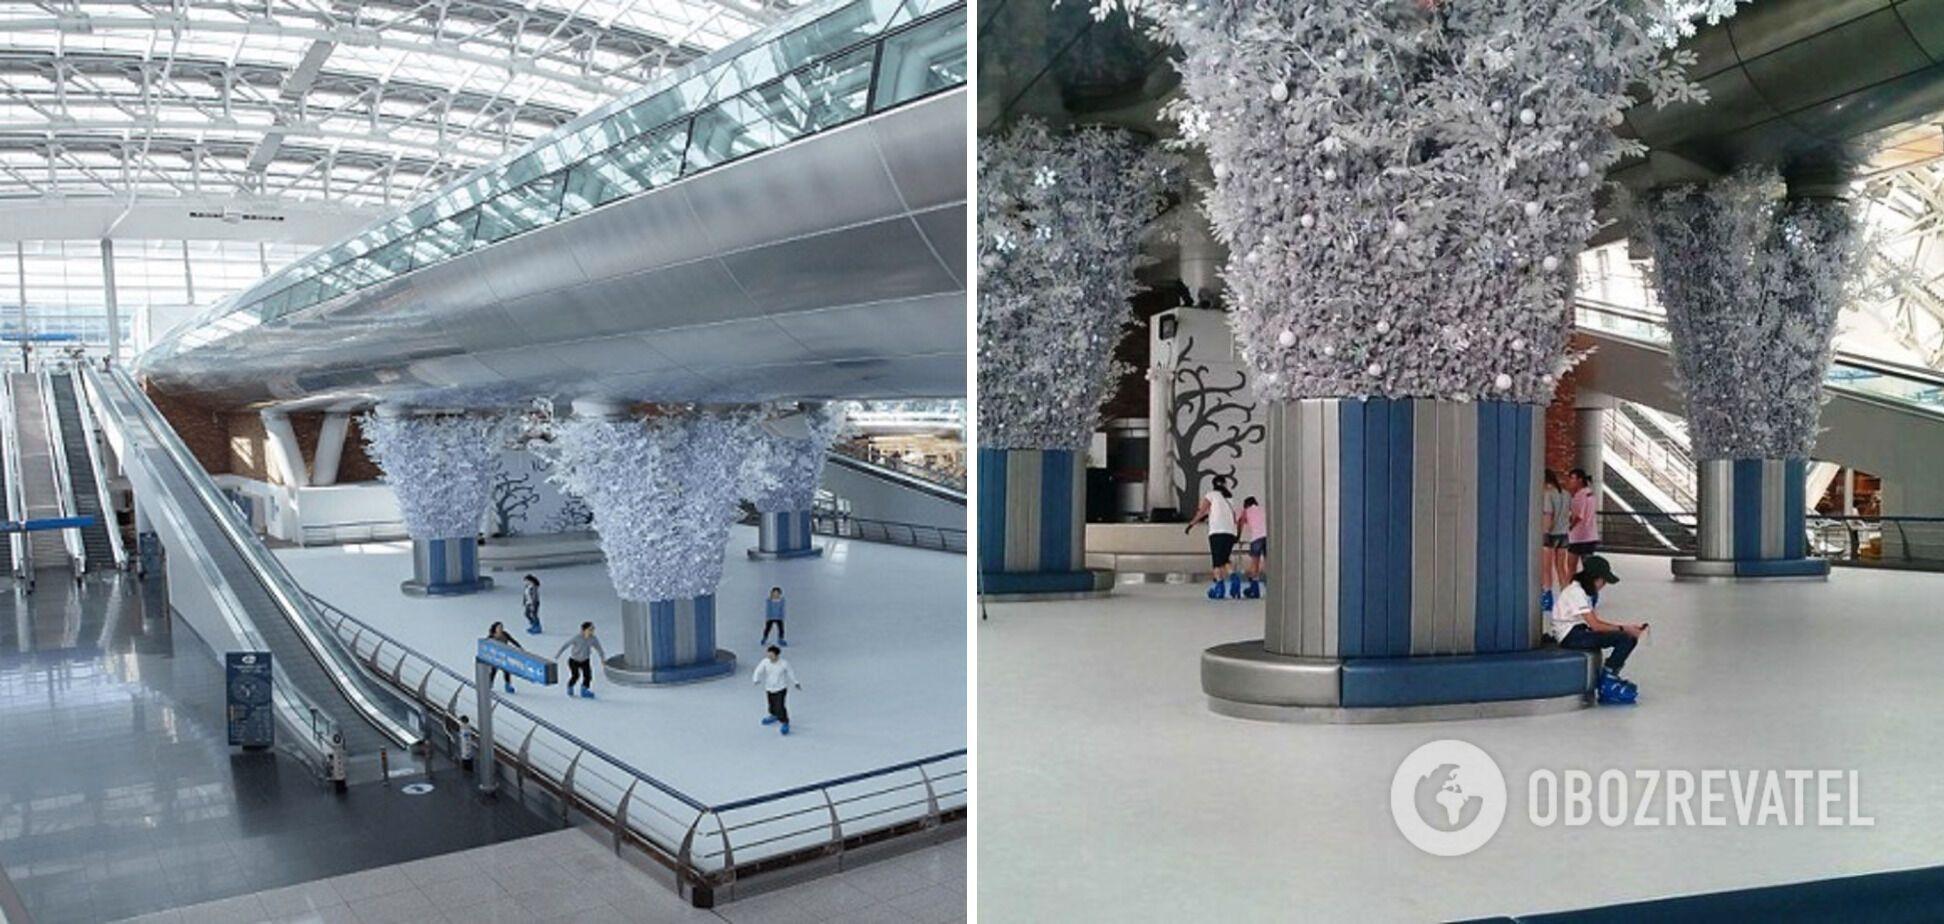 В аэропорту Инчхон в Сеуле есть каток в зале ожидания.